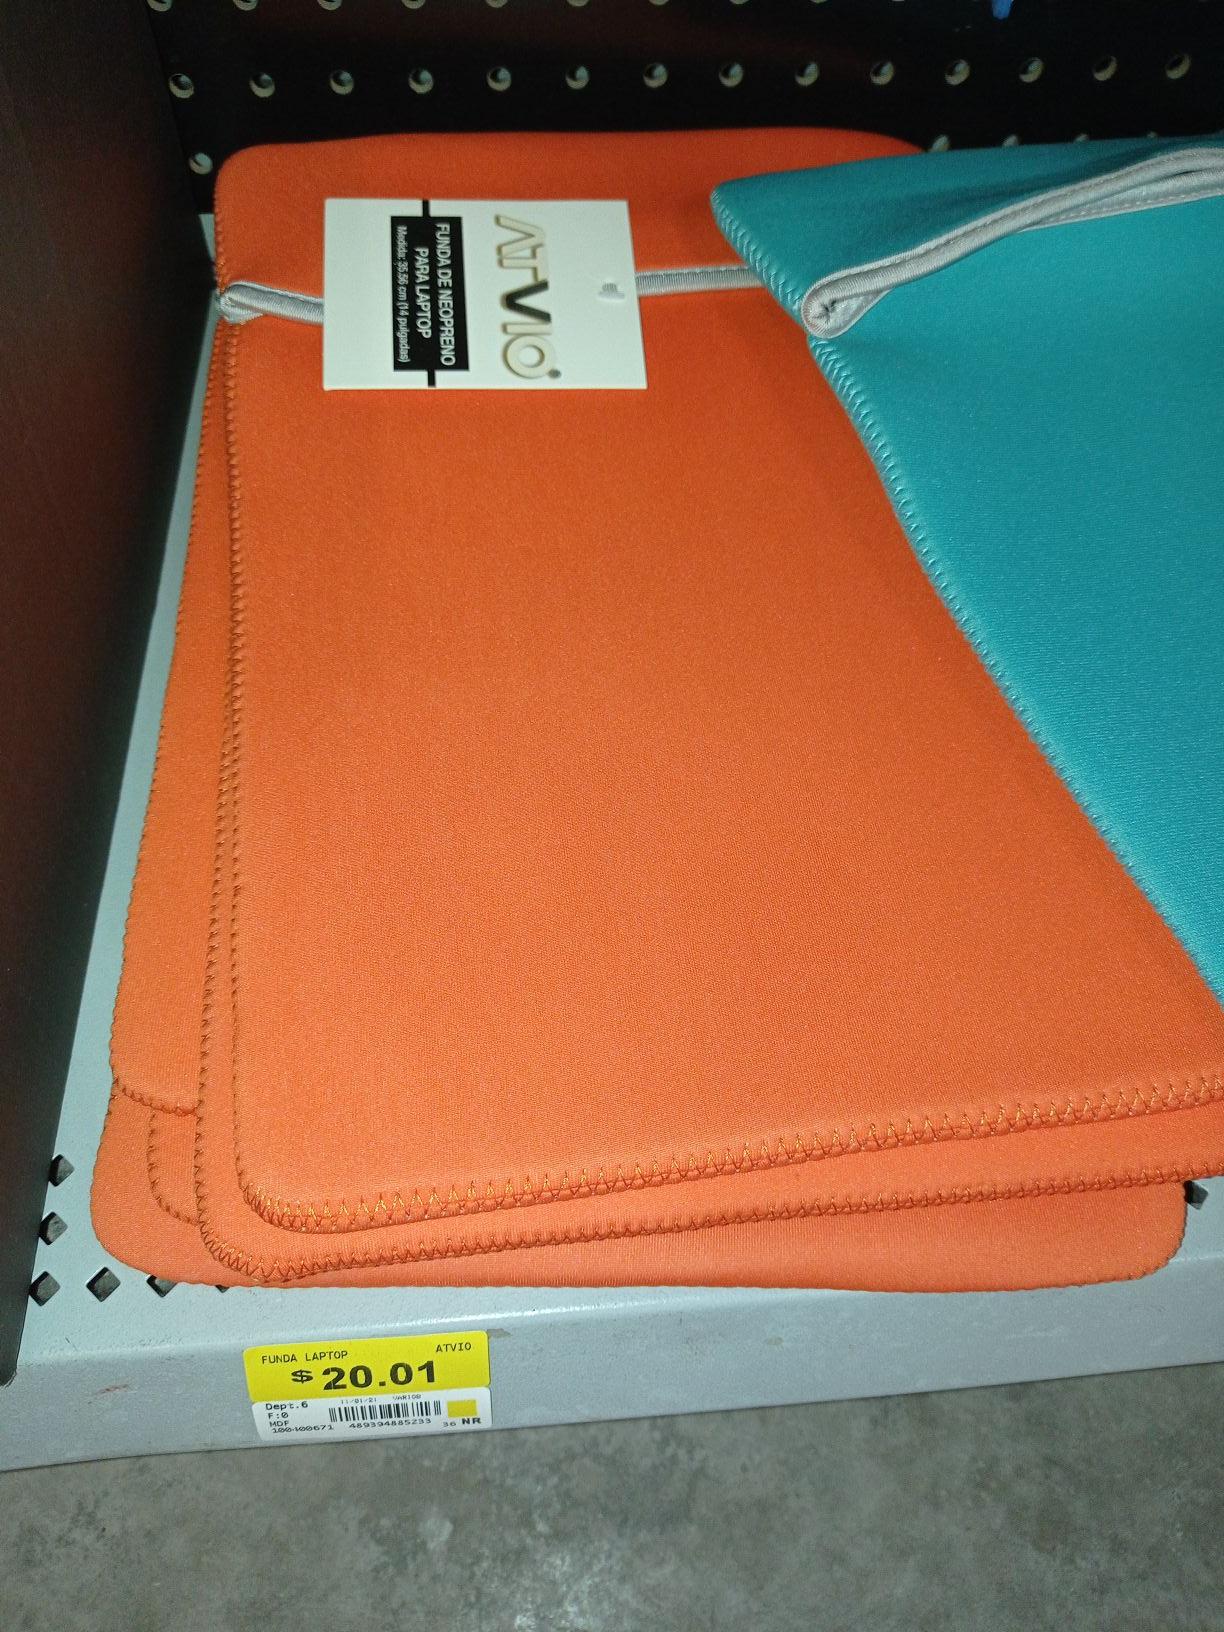 Walmart fundas para lap y tablet marcar atvio última liquidación